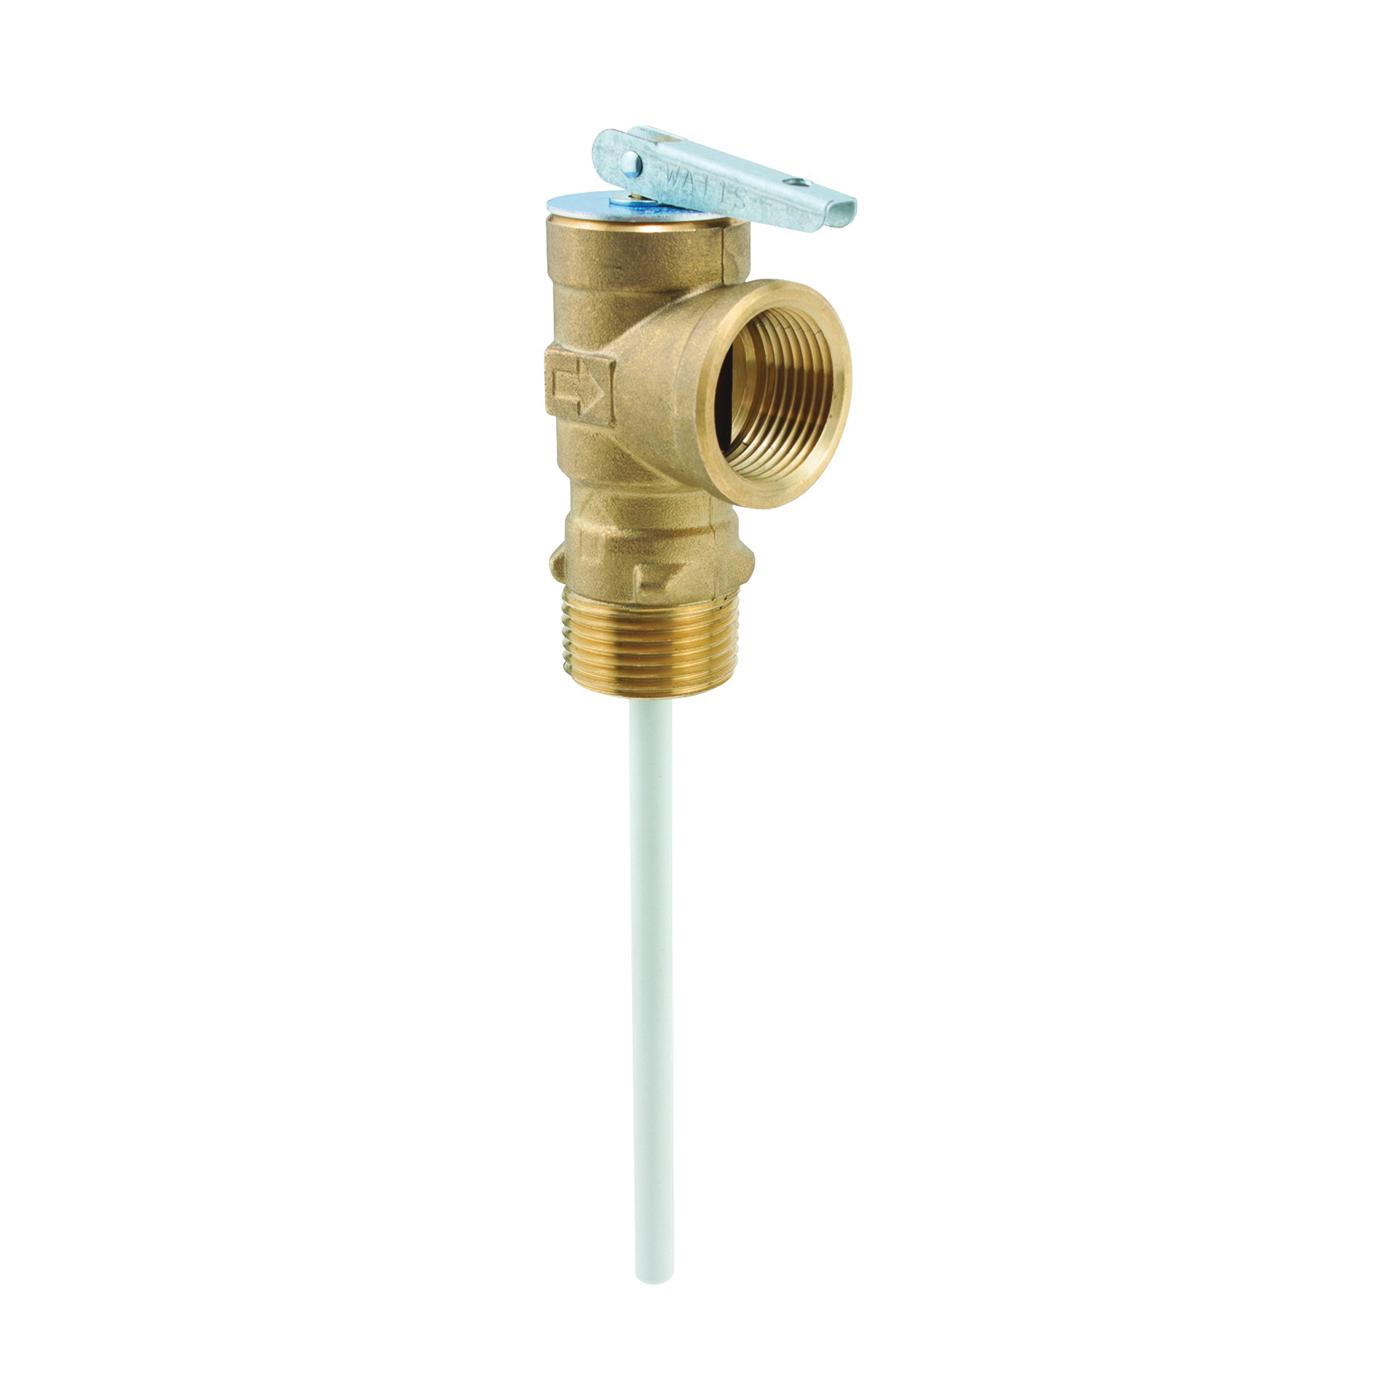 Picture of WATTS 100XL-150 Relief Valve, 3/4 in, MNPT x FNPT, Brass Body